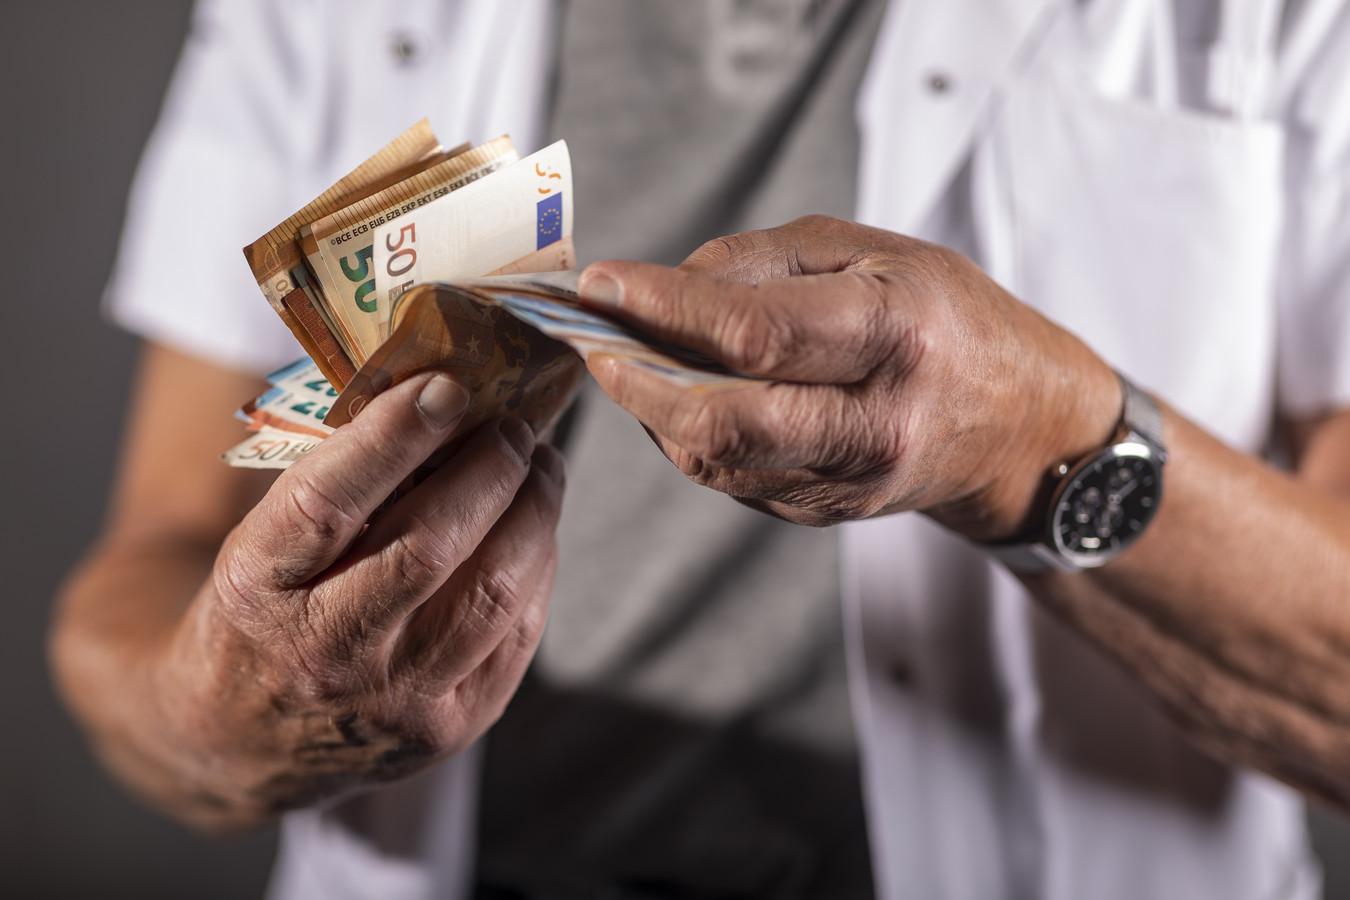 De inspectie vermoedt dat er bij DKB Thuiszorg in Hengelo meer uren zorg worden gedeclareerd dan geleverd. Ook is het opmerkelijk dat de 19 medewerkers nooit ziek zijn.